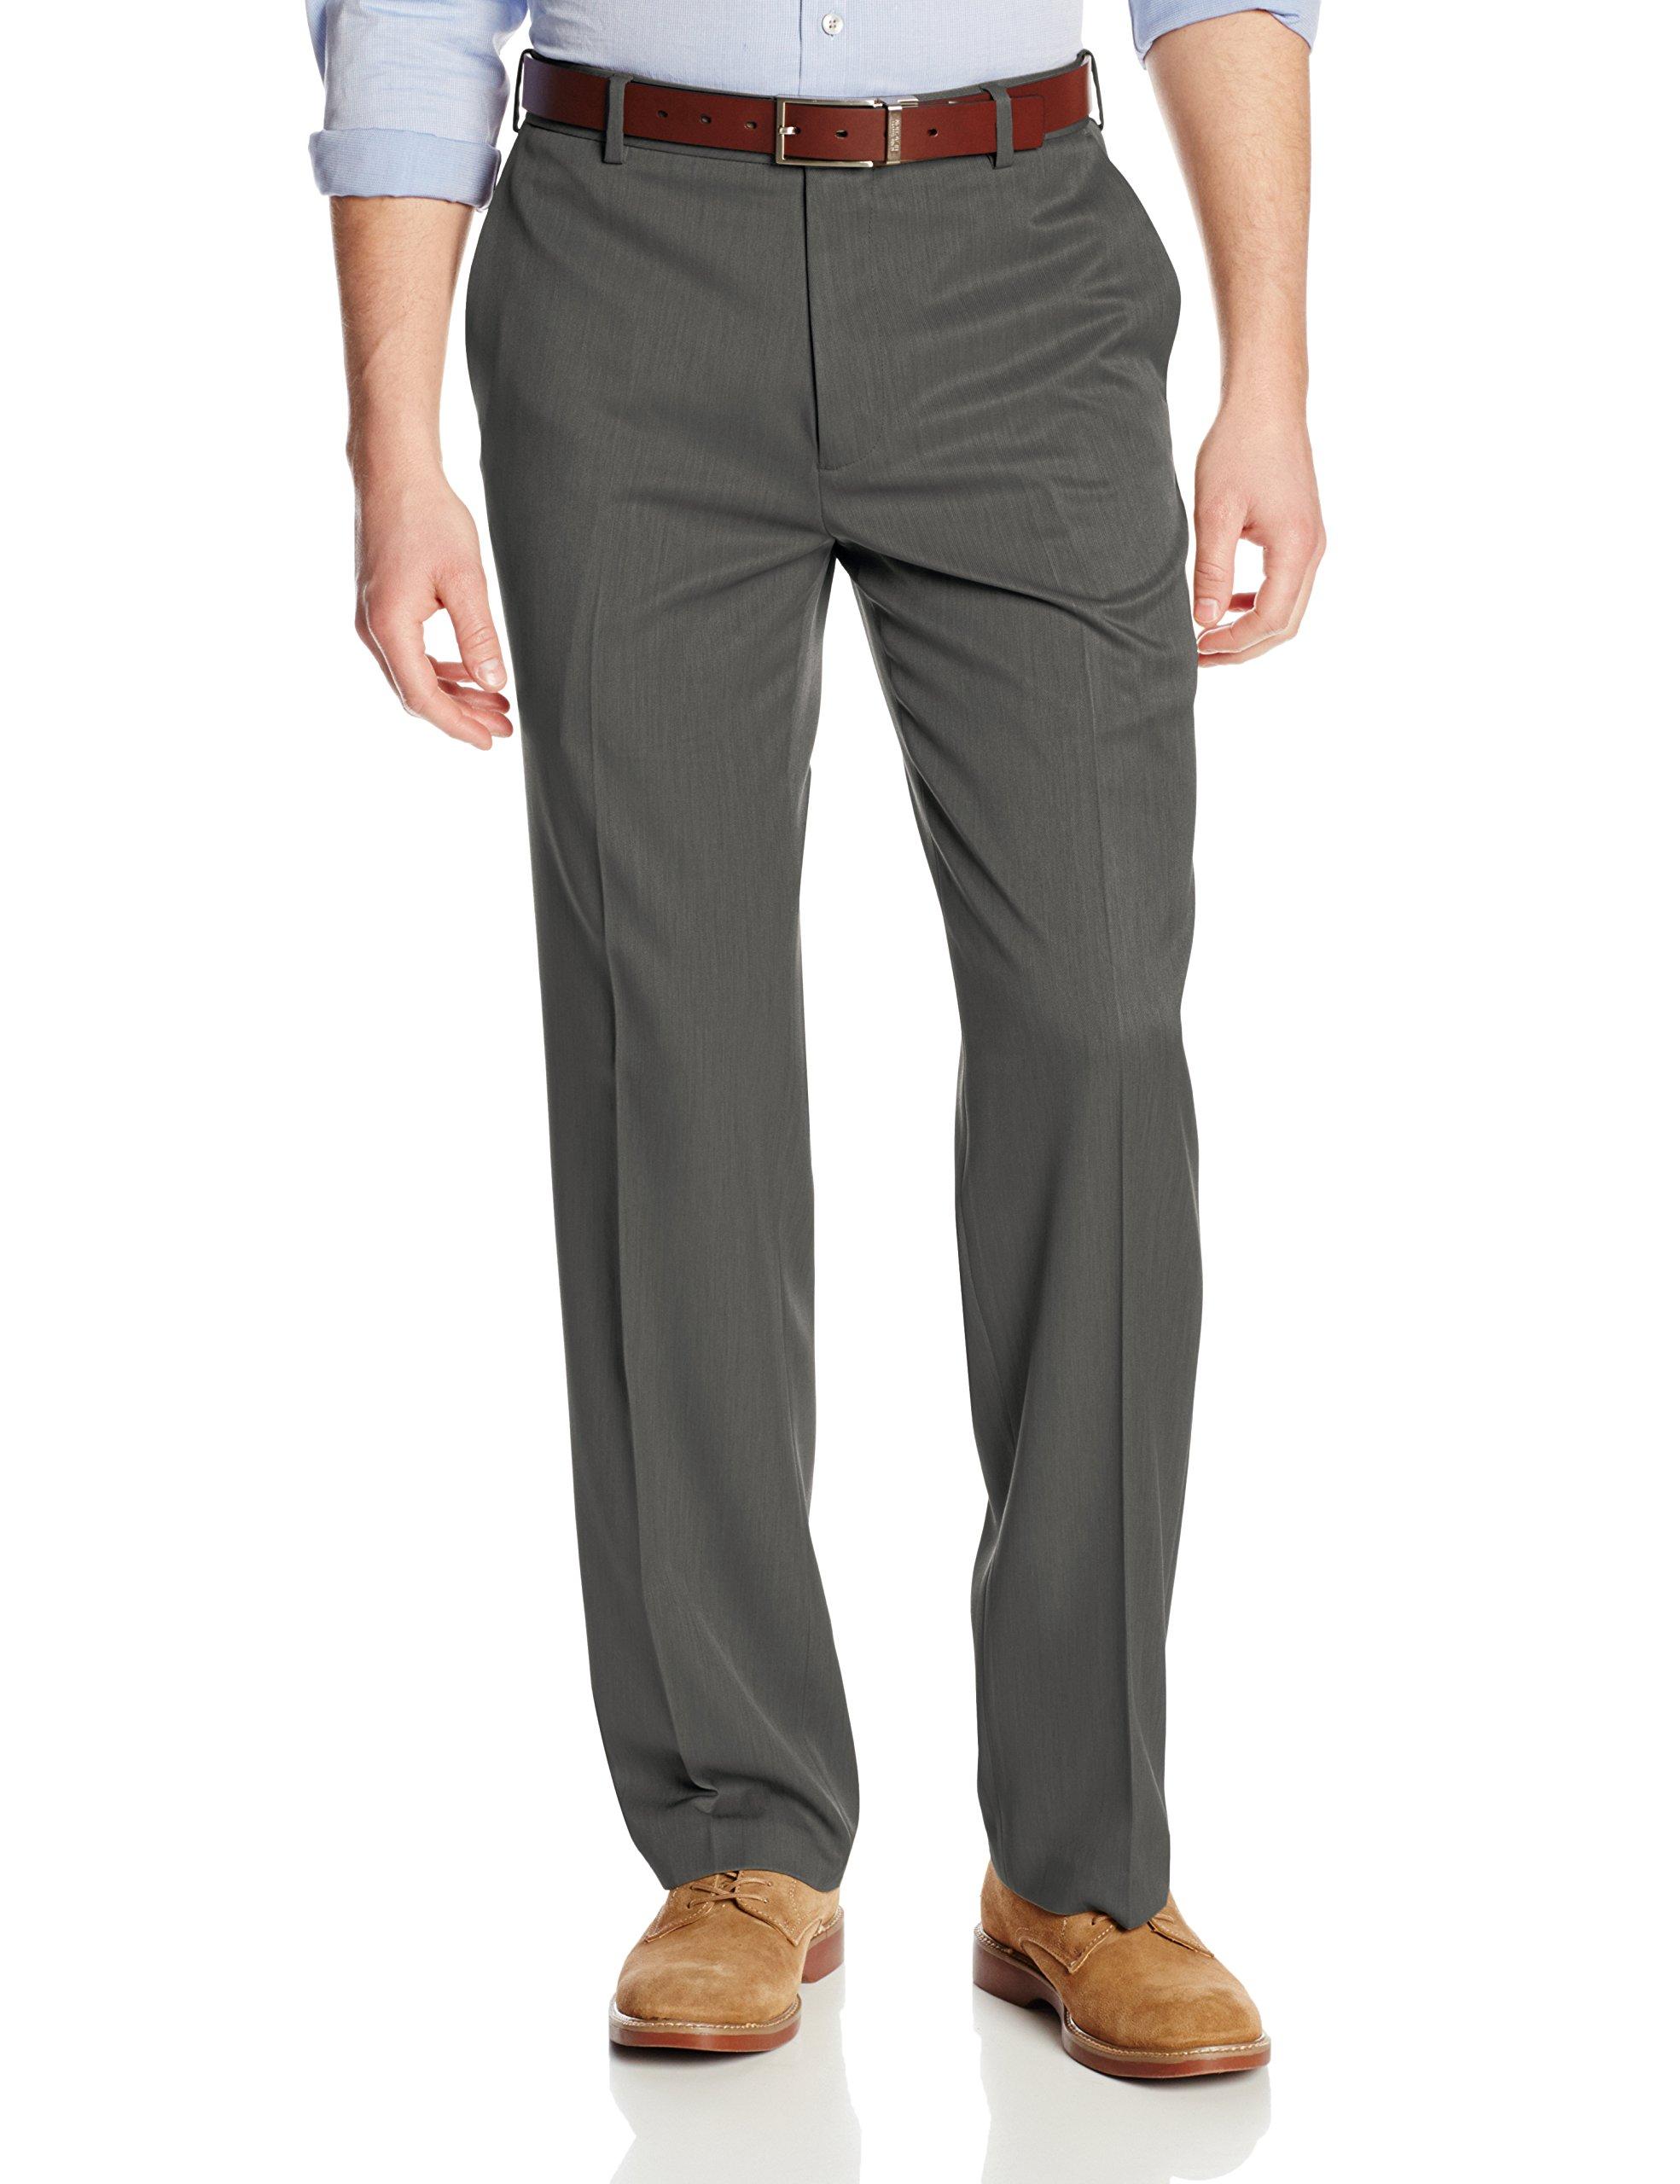 Van Heusen Men's Flat Front Ultimate Traveler Pant, Dark Charcoal, 36W x 30L by Van Heusen (Image #1)